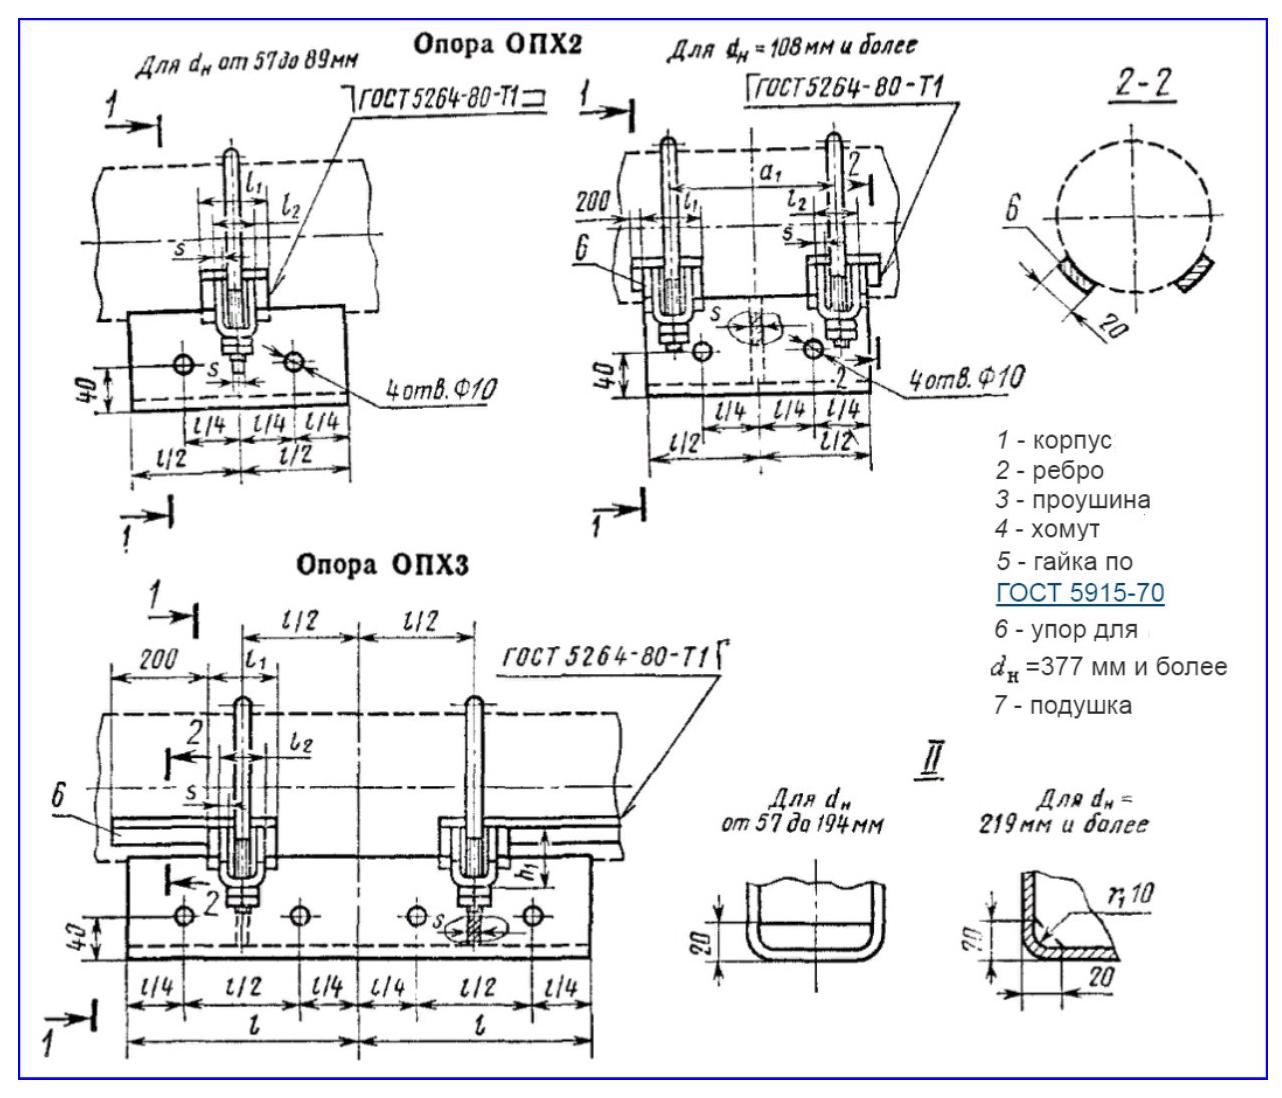 Конструктивное устройство скользящих опор ОХП2 и ОХП3.